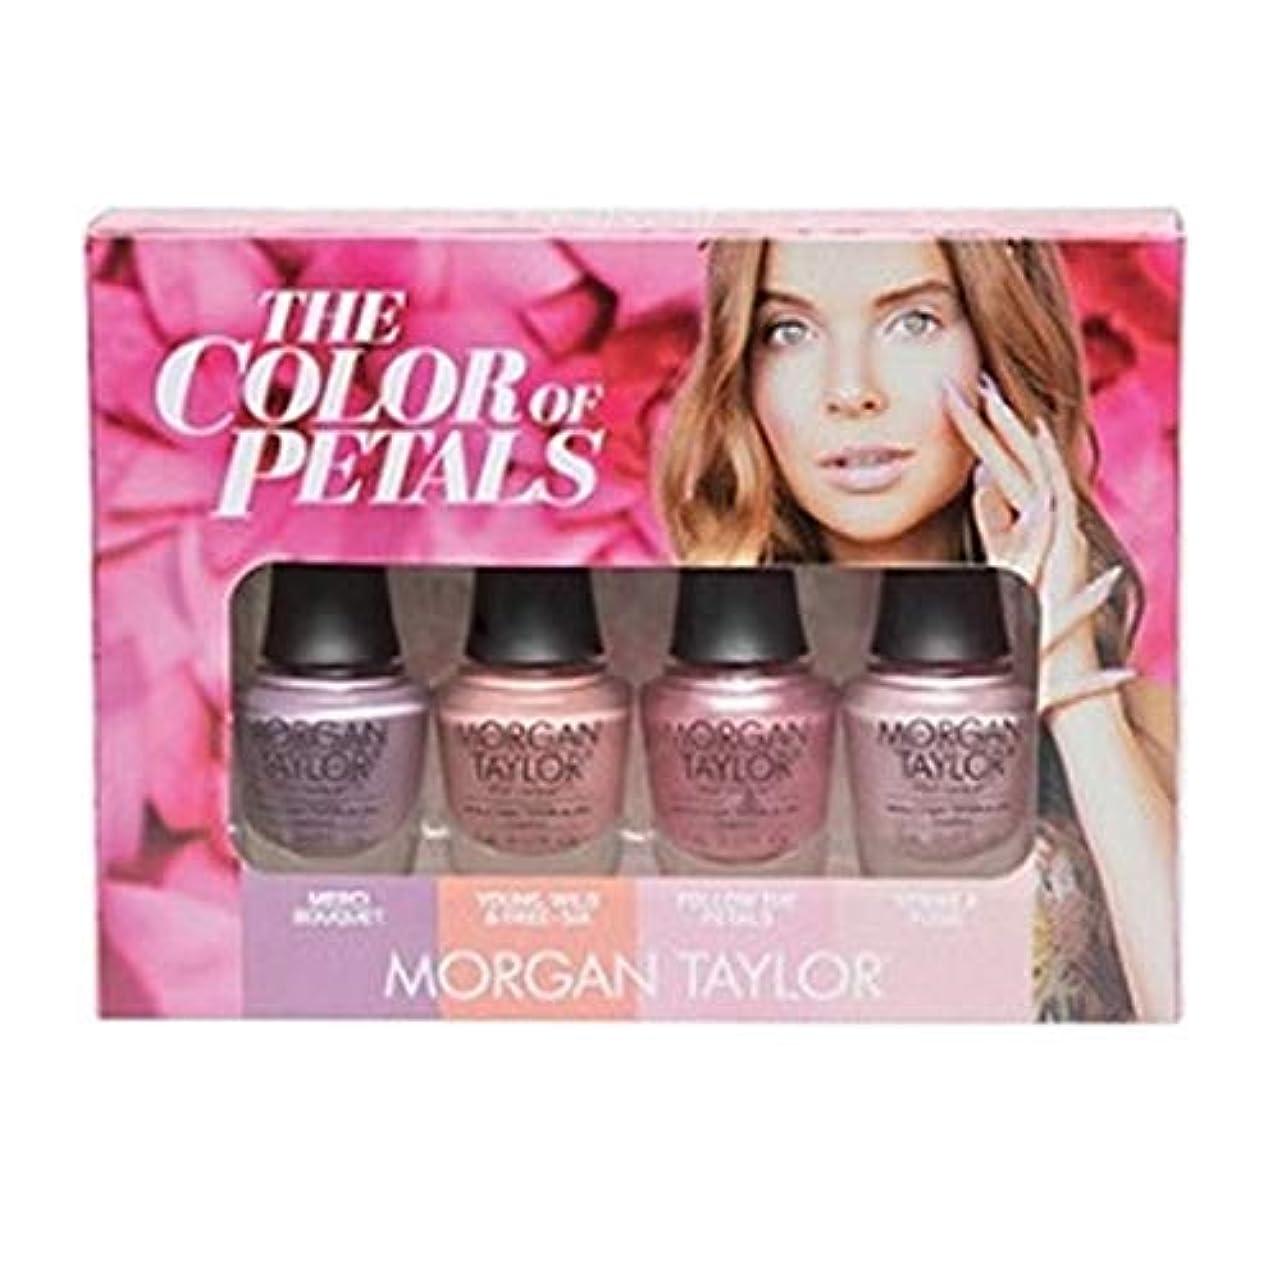 隠すちらつき密輸Morgan Taylor - The Color Of Petals Collection - Mini 4 pk - 5 mL / 0.17 oz Each